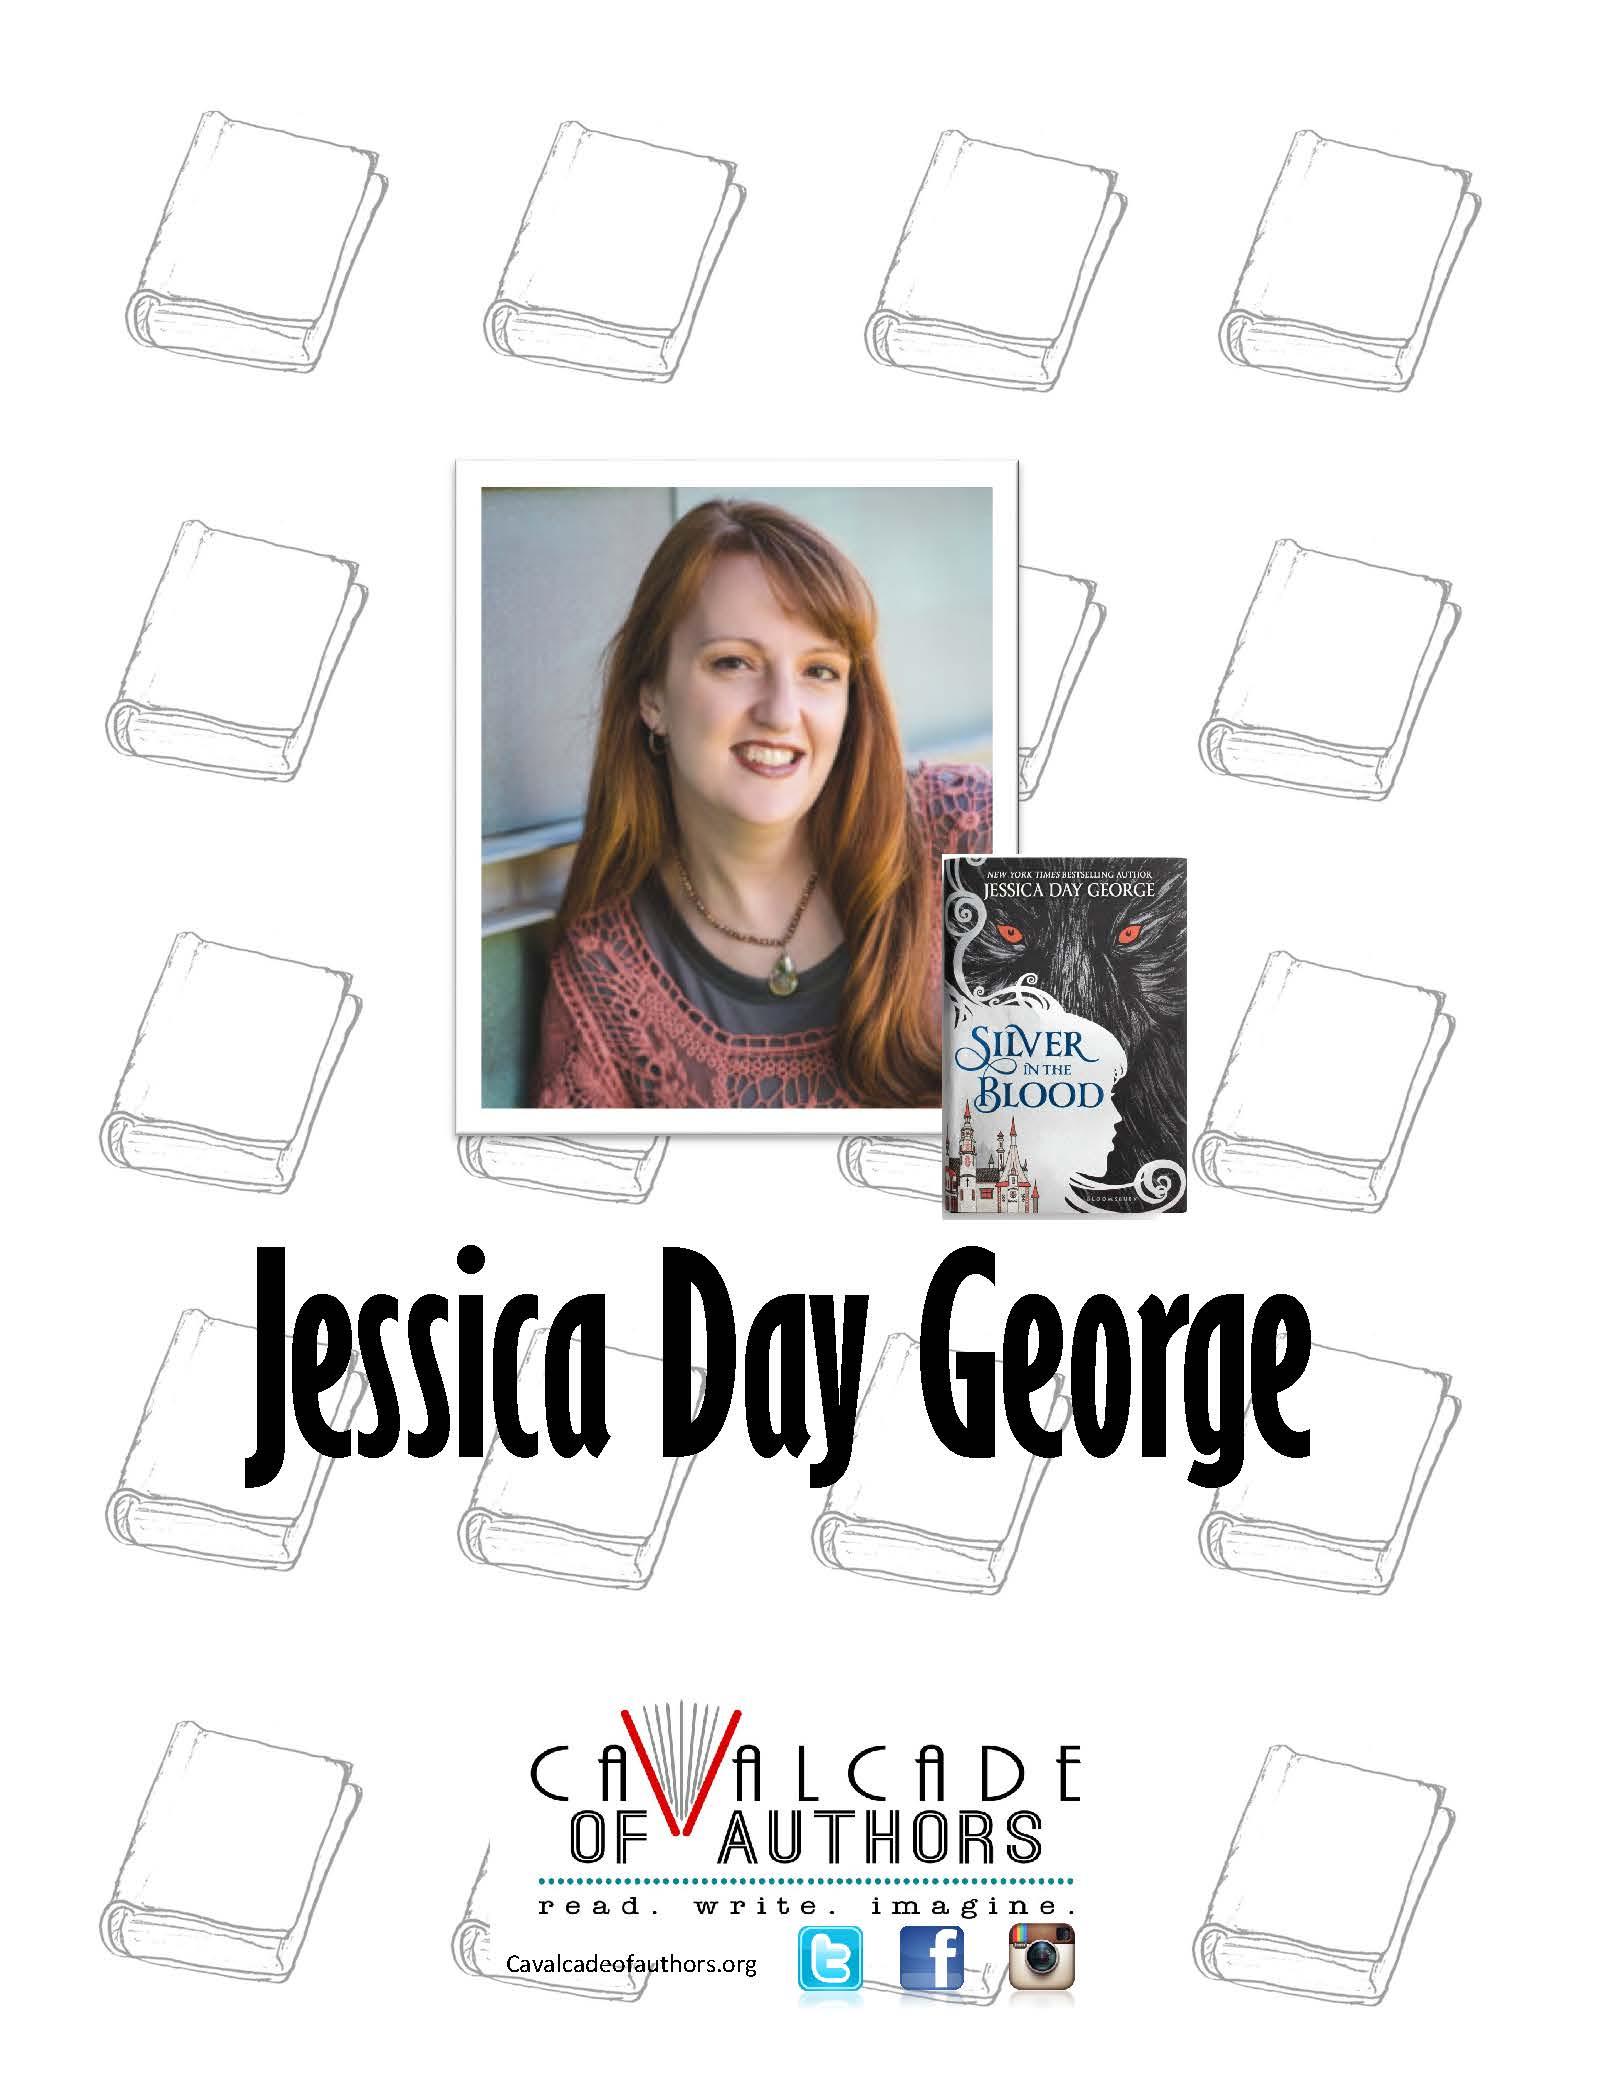 Jessica Day George